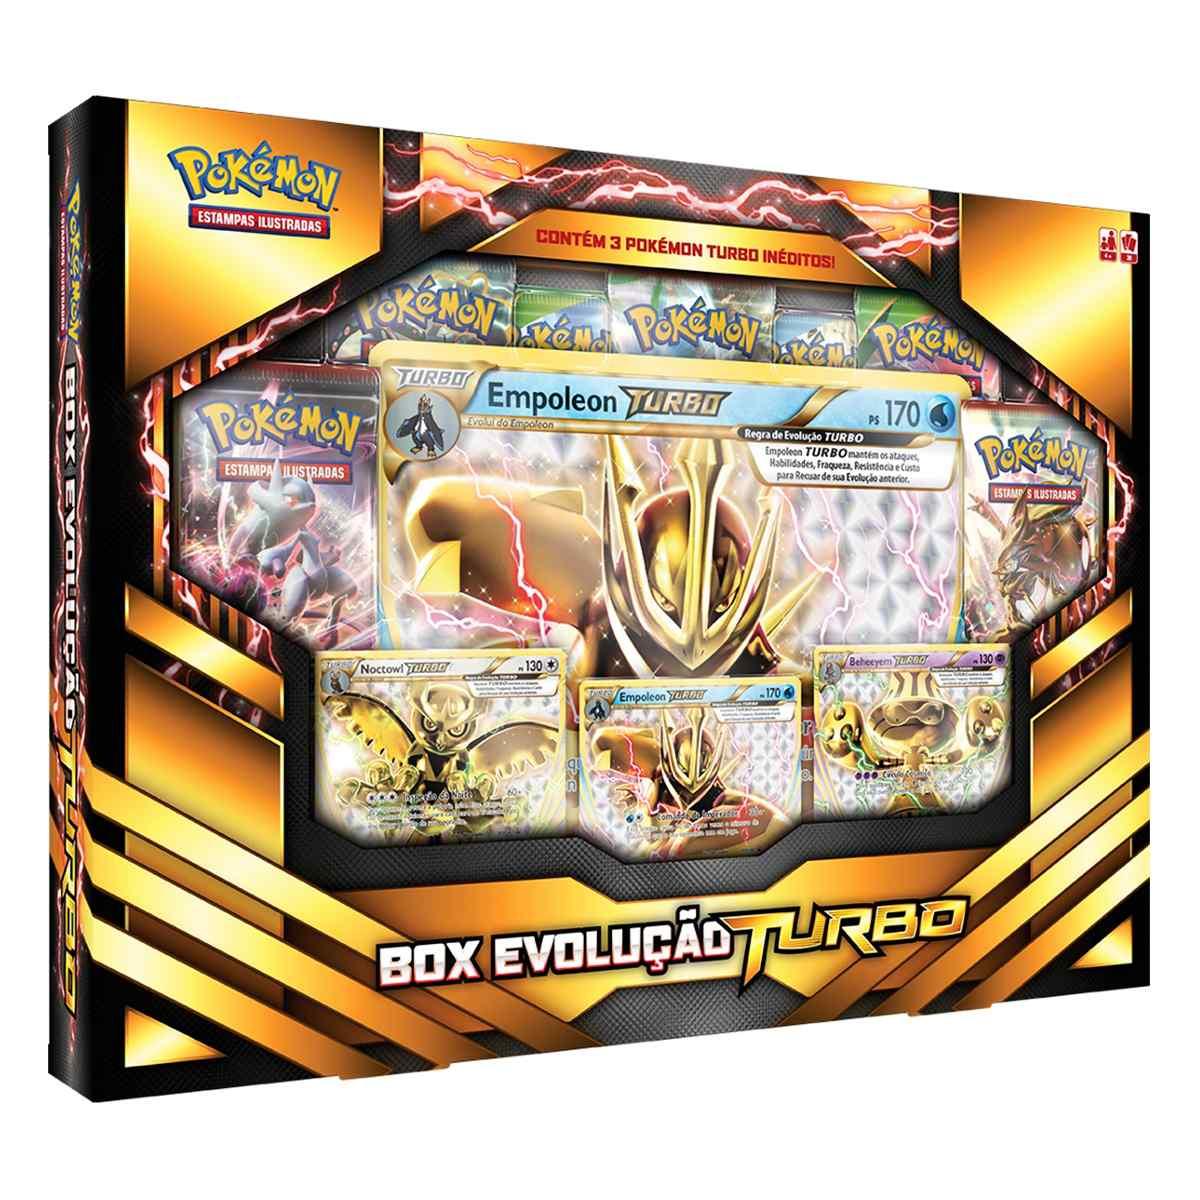 Pokémon Box Evolução Turbo